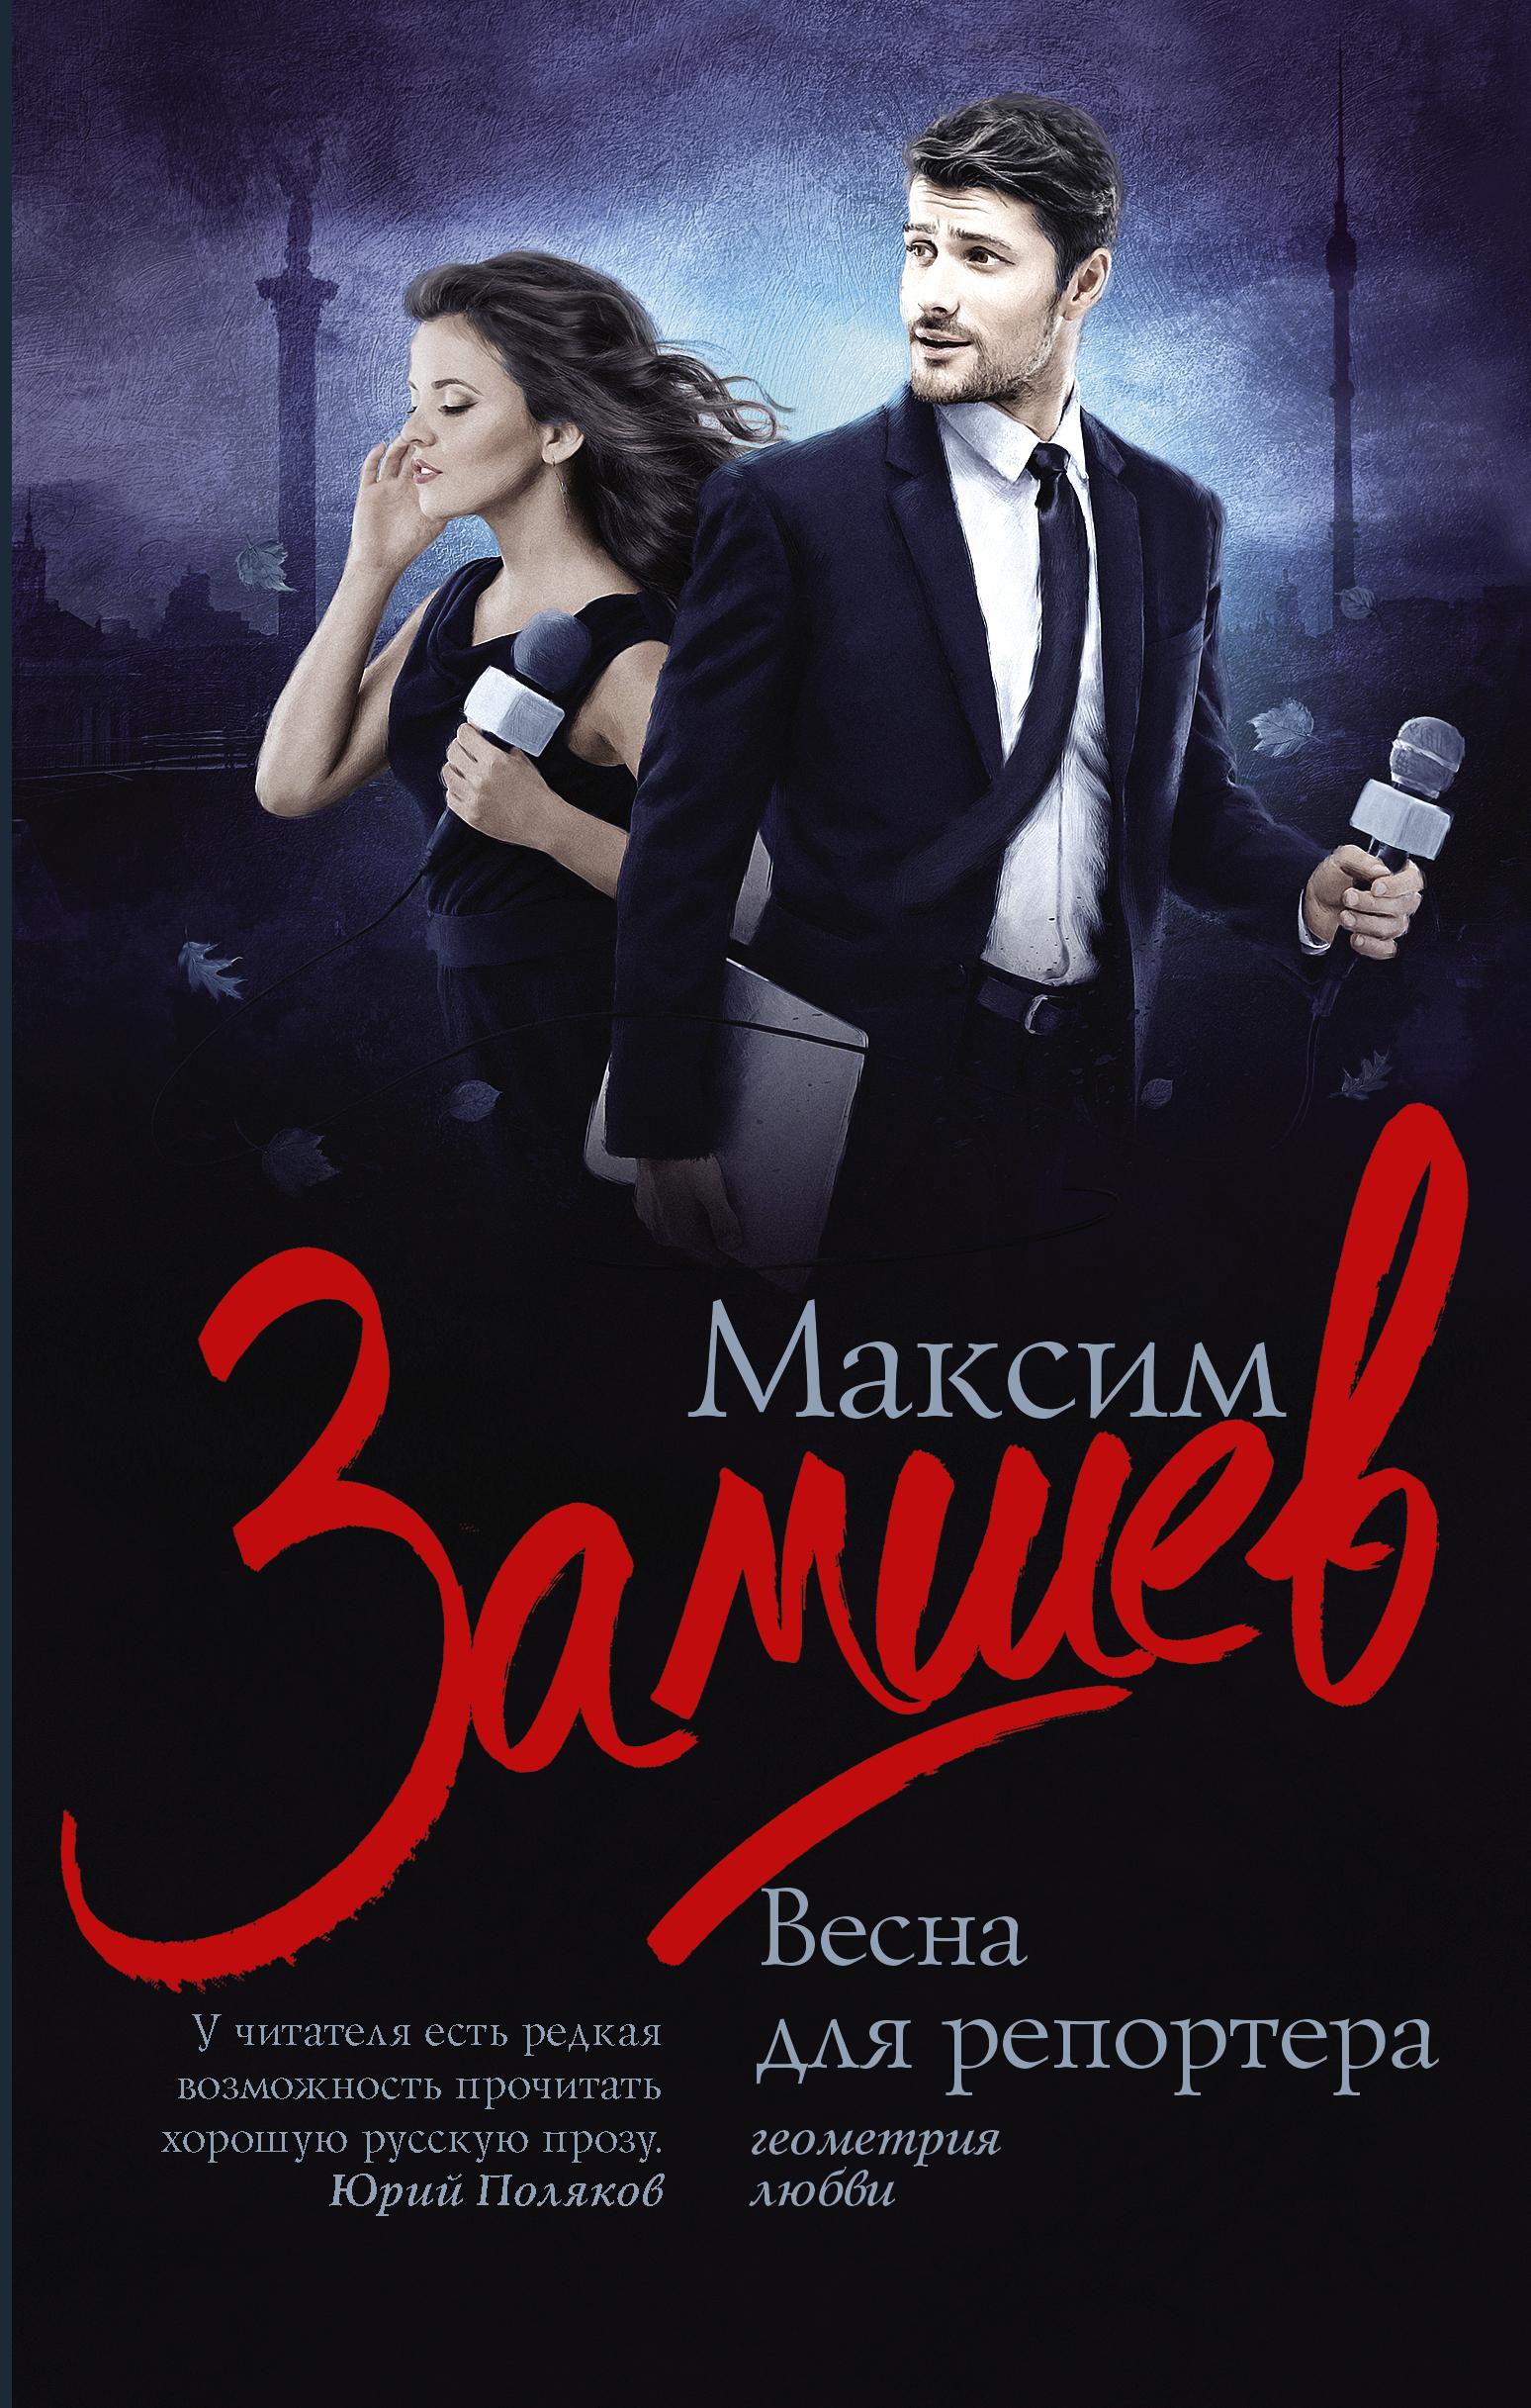 Максим Замшев Весна для репортера симбитер для ребенка в киеве